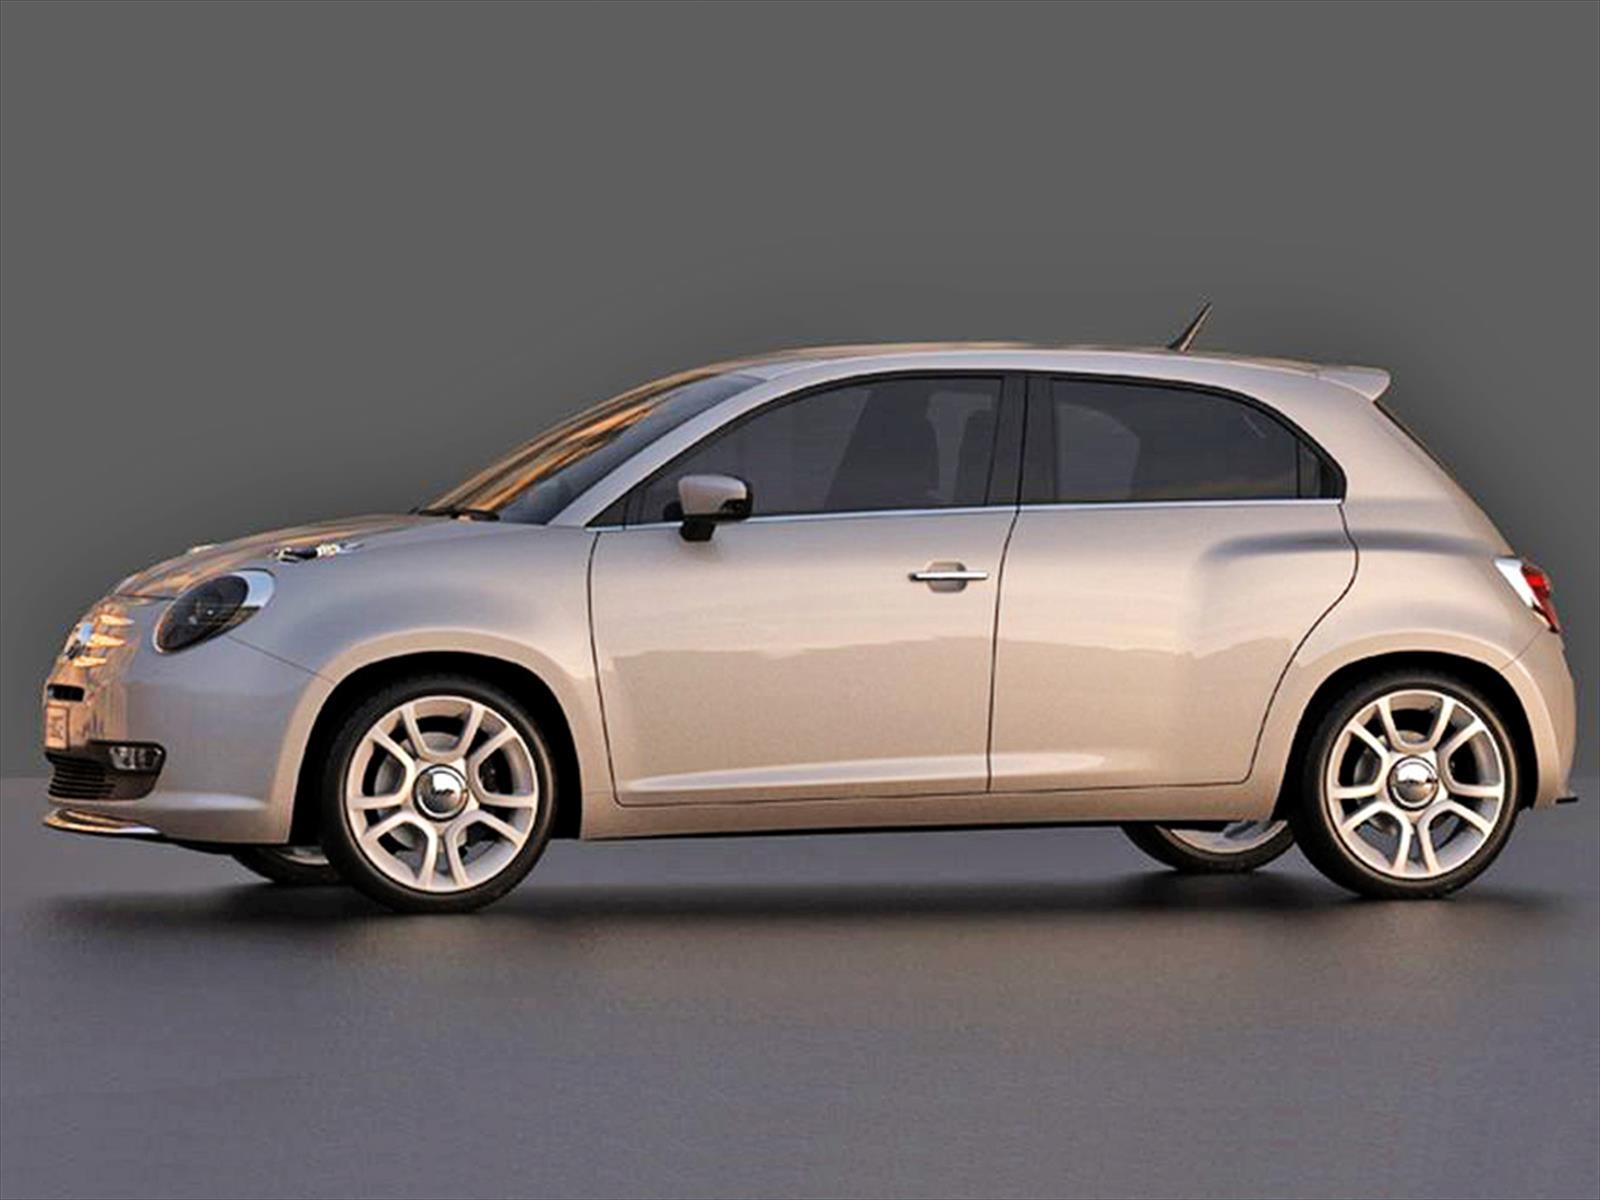 Fiat 500x ora anche con il cambio automatico 149136587 likewise Showthread also File Fiat X1 9 04 ZH 08 pic1 moreover 16873 also Fiat 500 Giardiniera Retro Kombi 1236381. on fiat 500 x 08